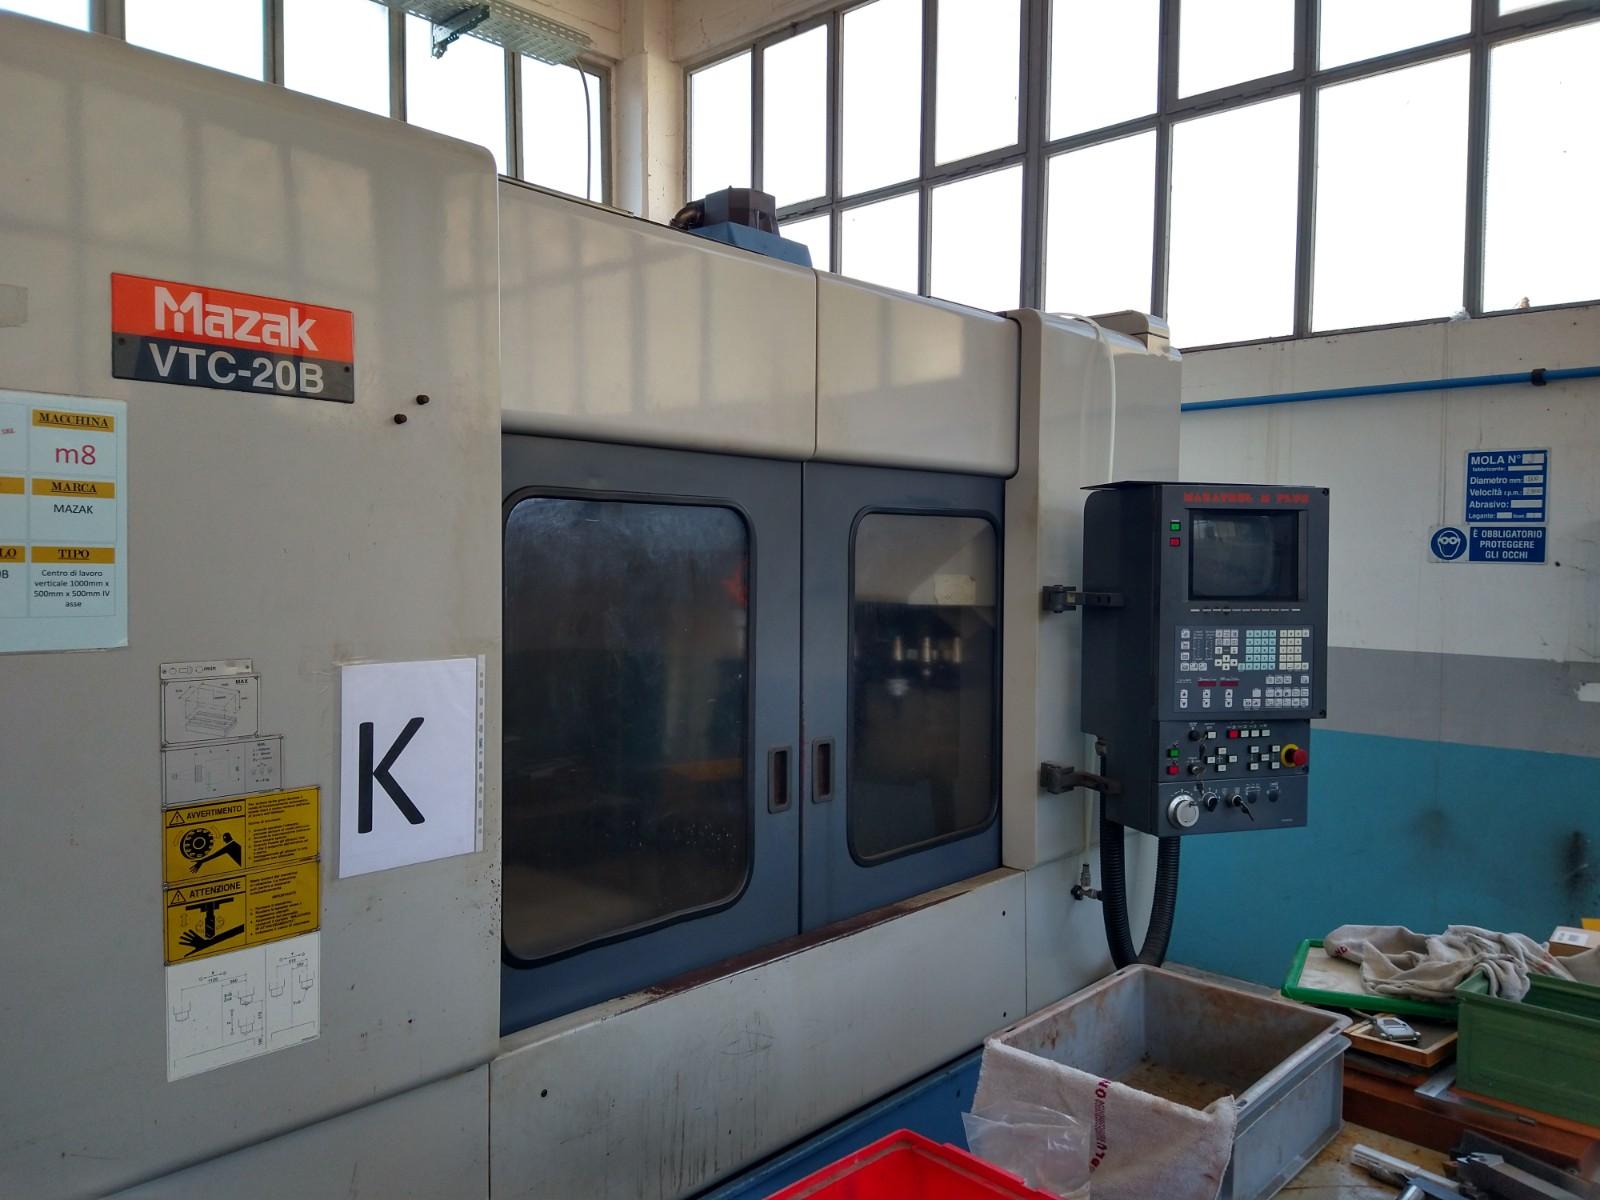 Centro di lavoro Mazak VTC-20B